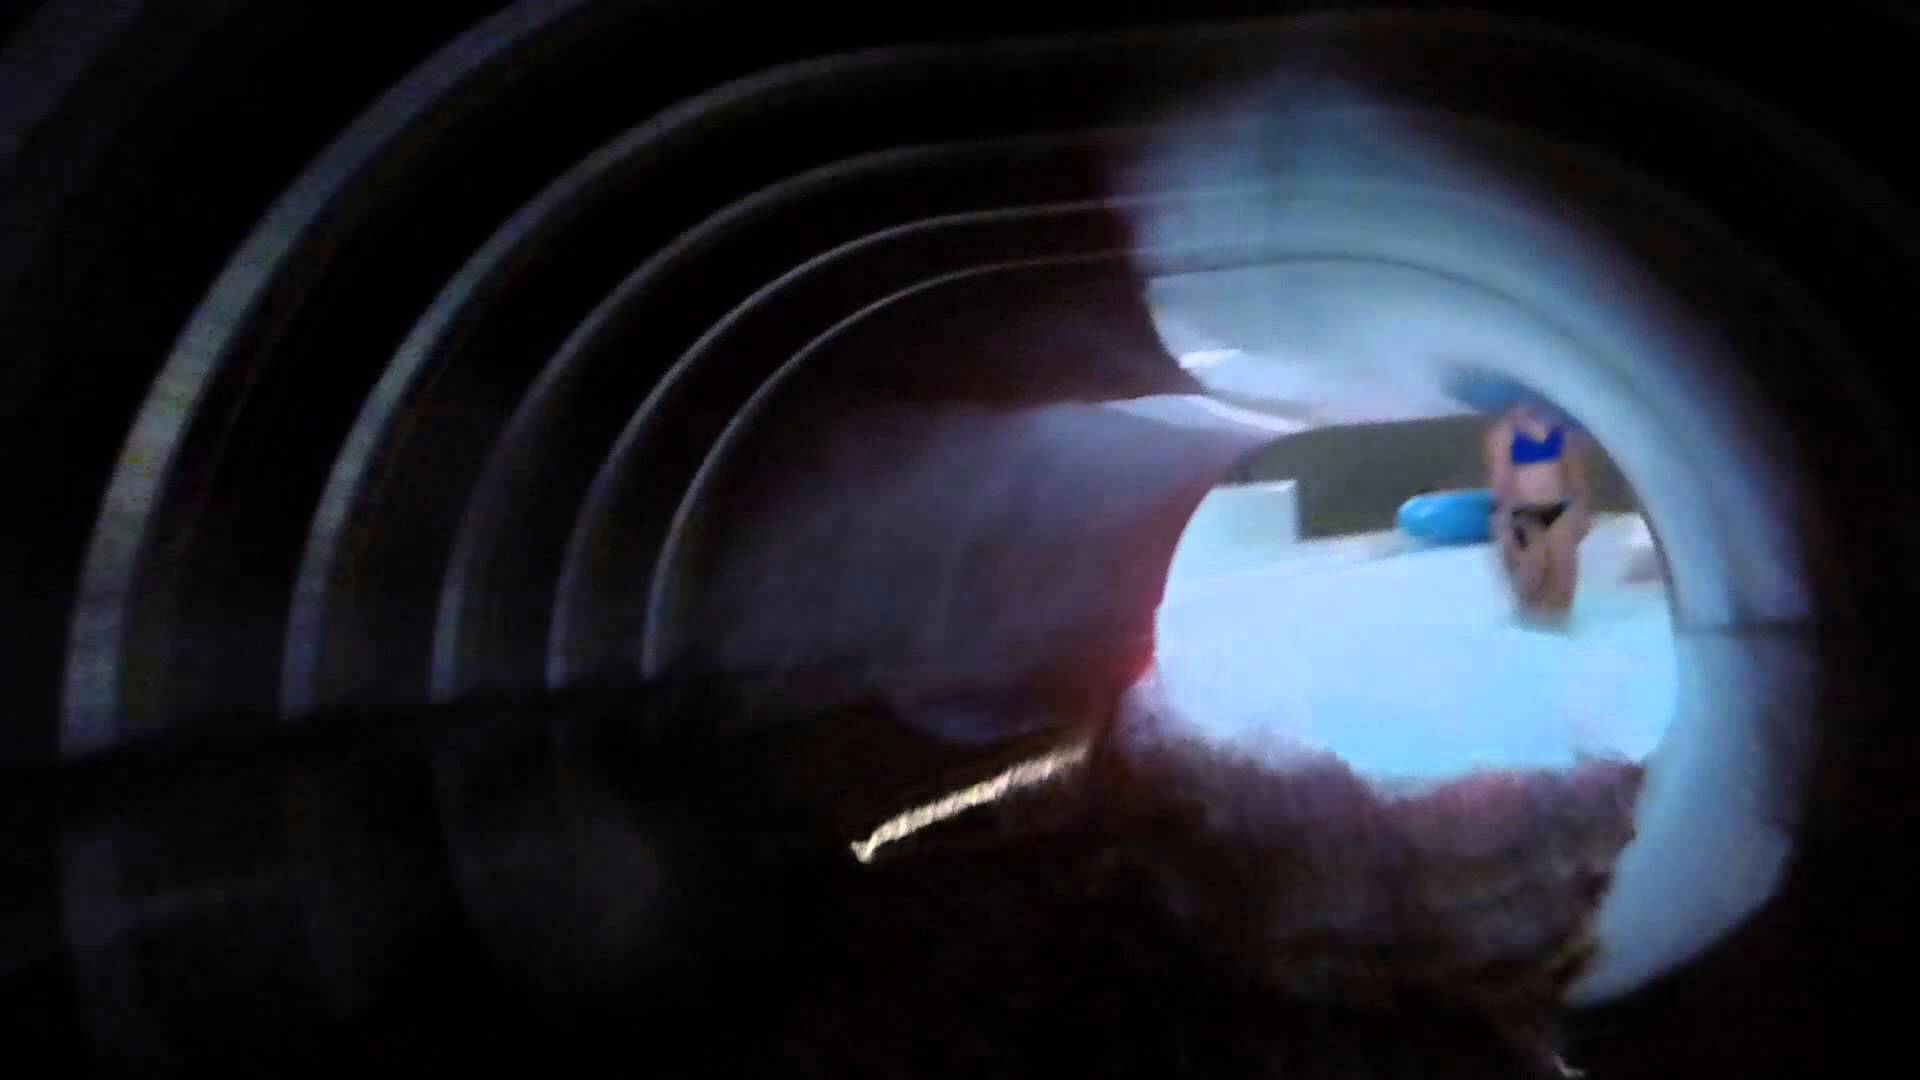 Ovaverva St. Moritz - Magic Tube Onride